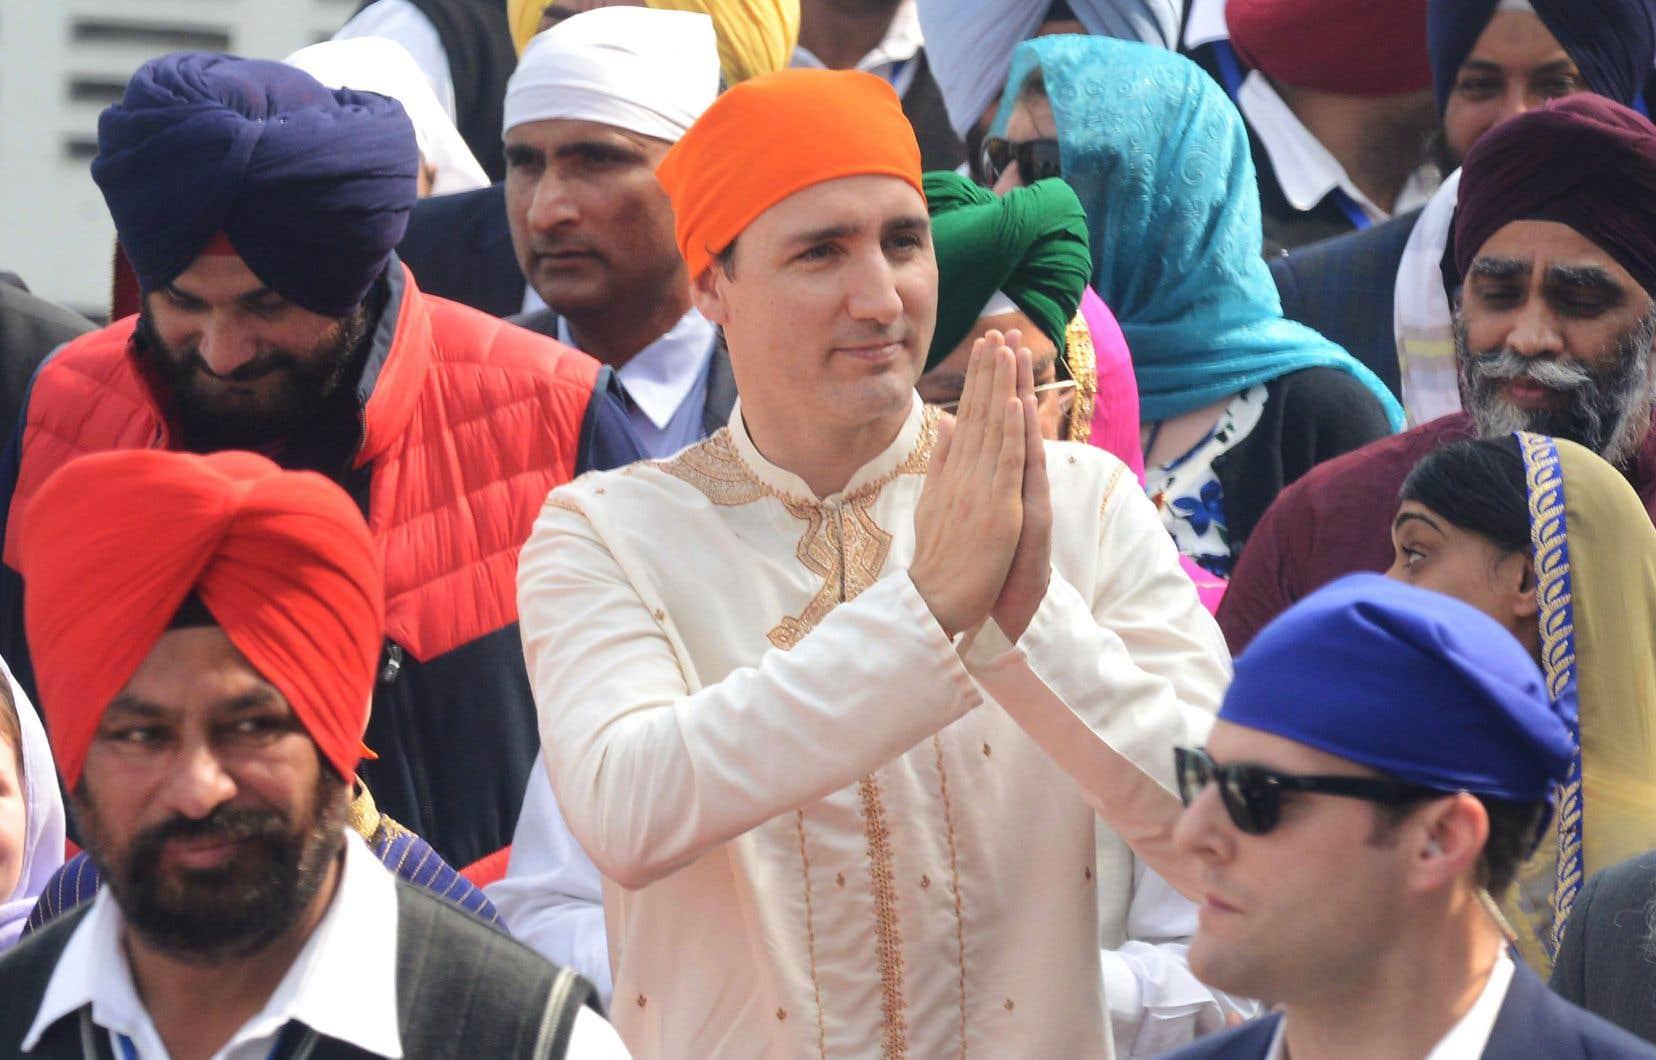 Justin Trudeau a fait parler de lui dans la presse internationale lors de son voyage en Inde, sa propension à porter le costume traditionnel soulevant les moqueries.